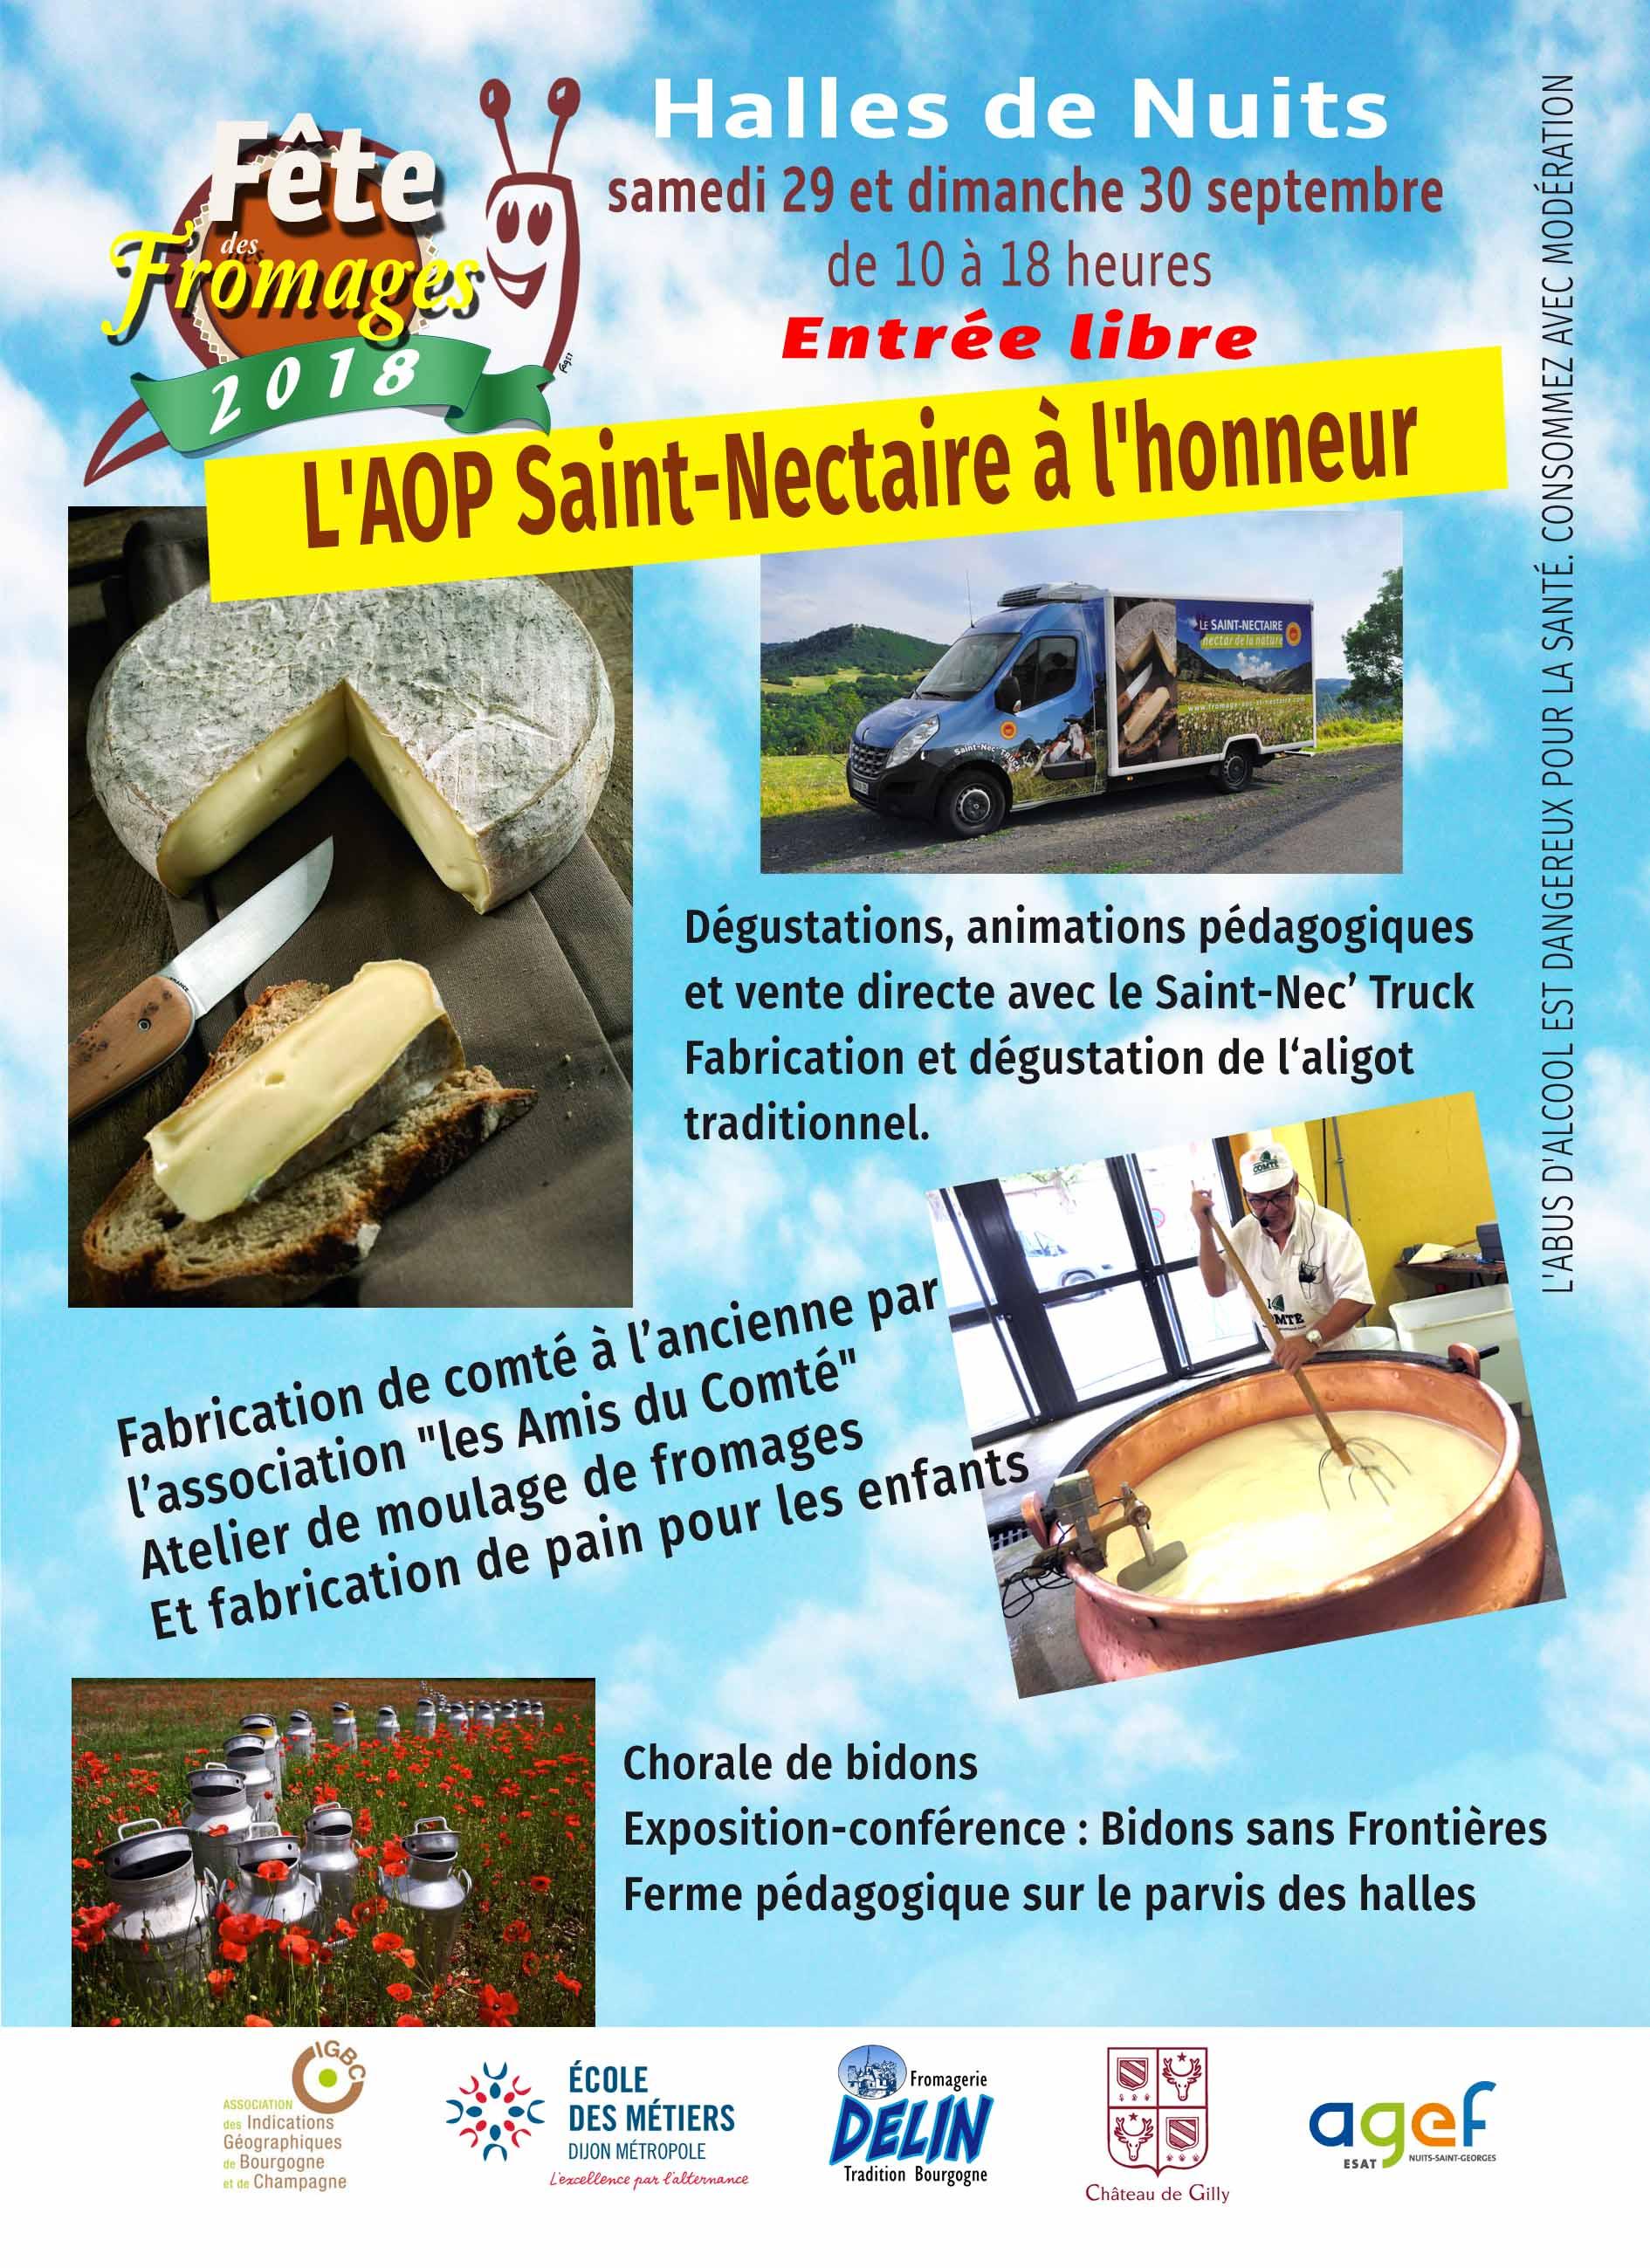 Fête des fromages de Bourgogne Franche-Comté - Nuits-Saint-Georges